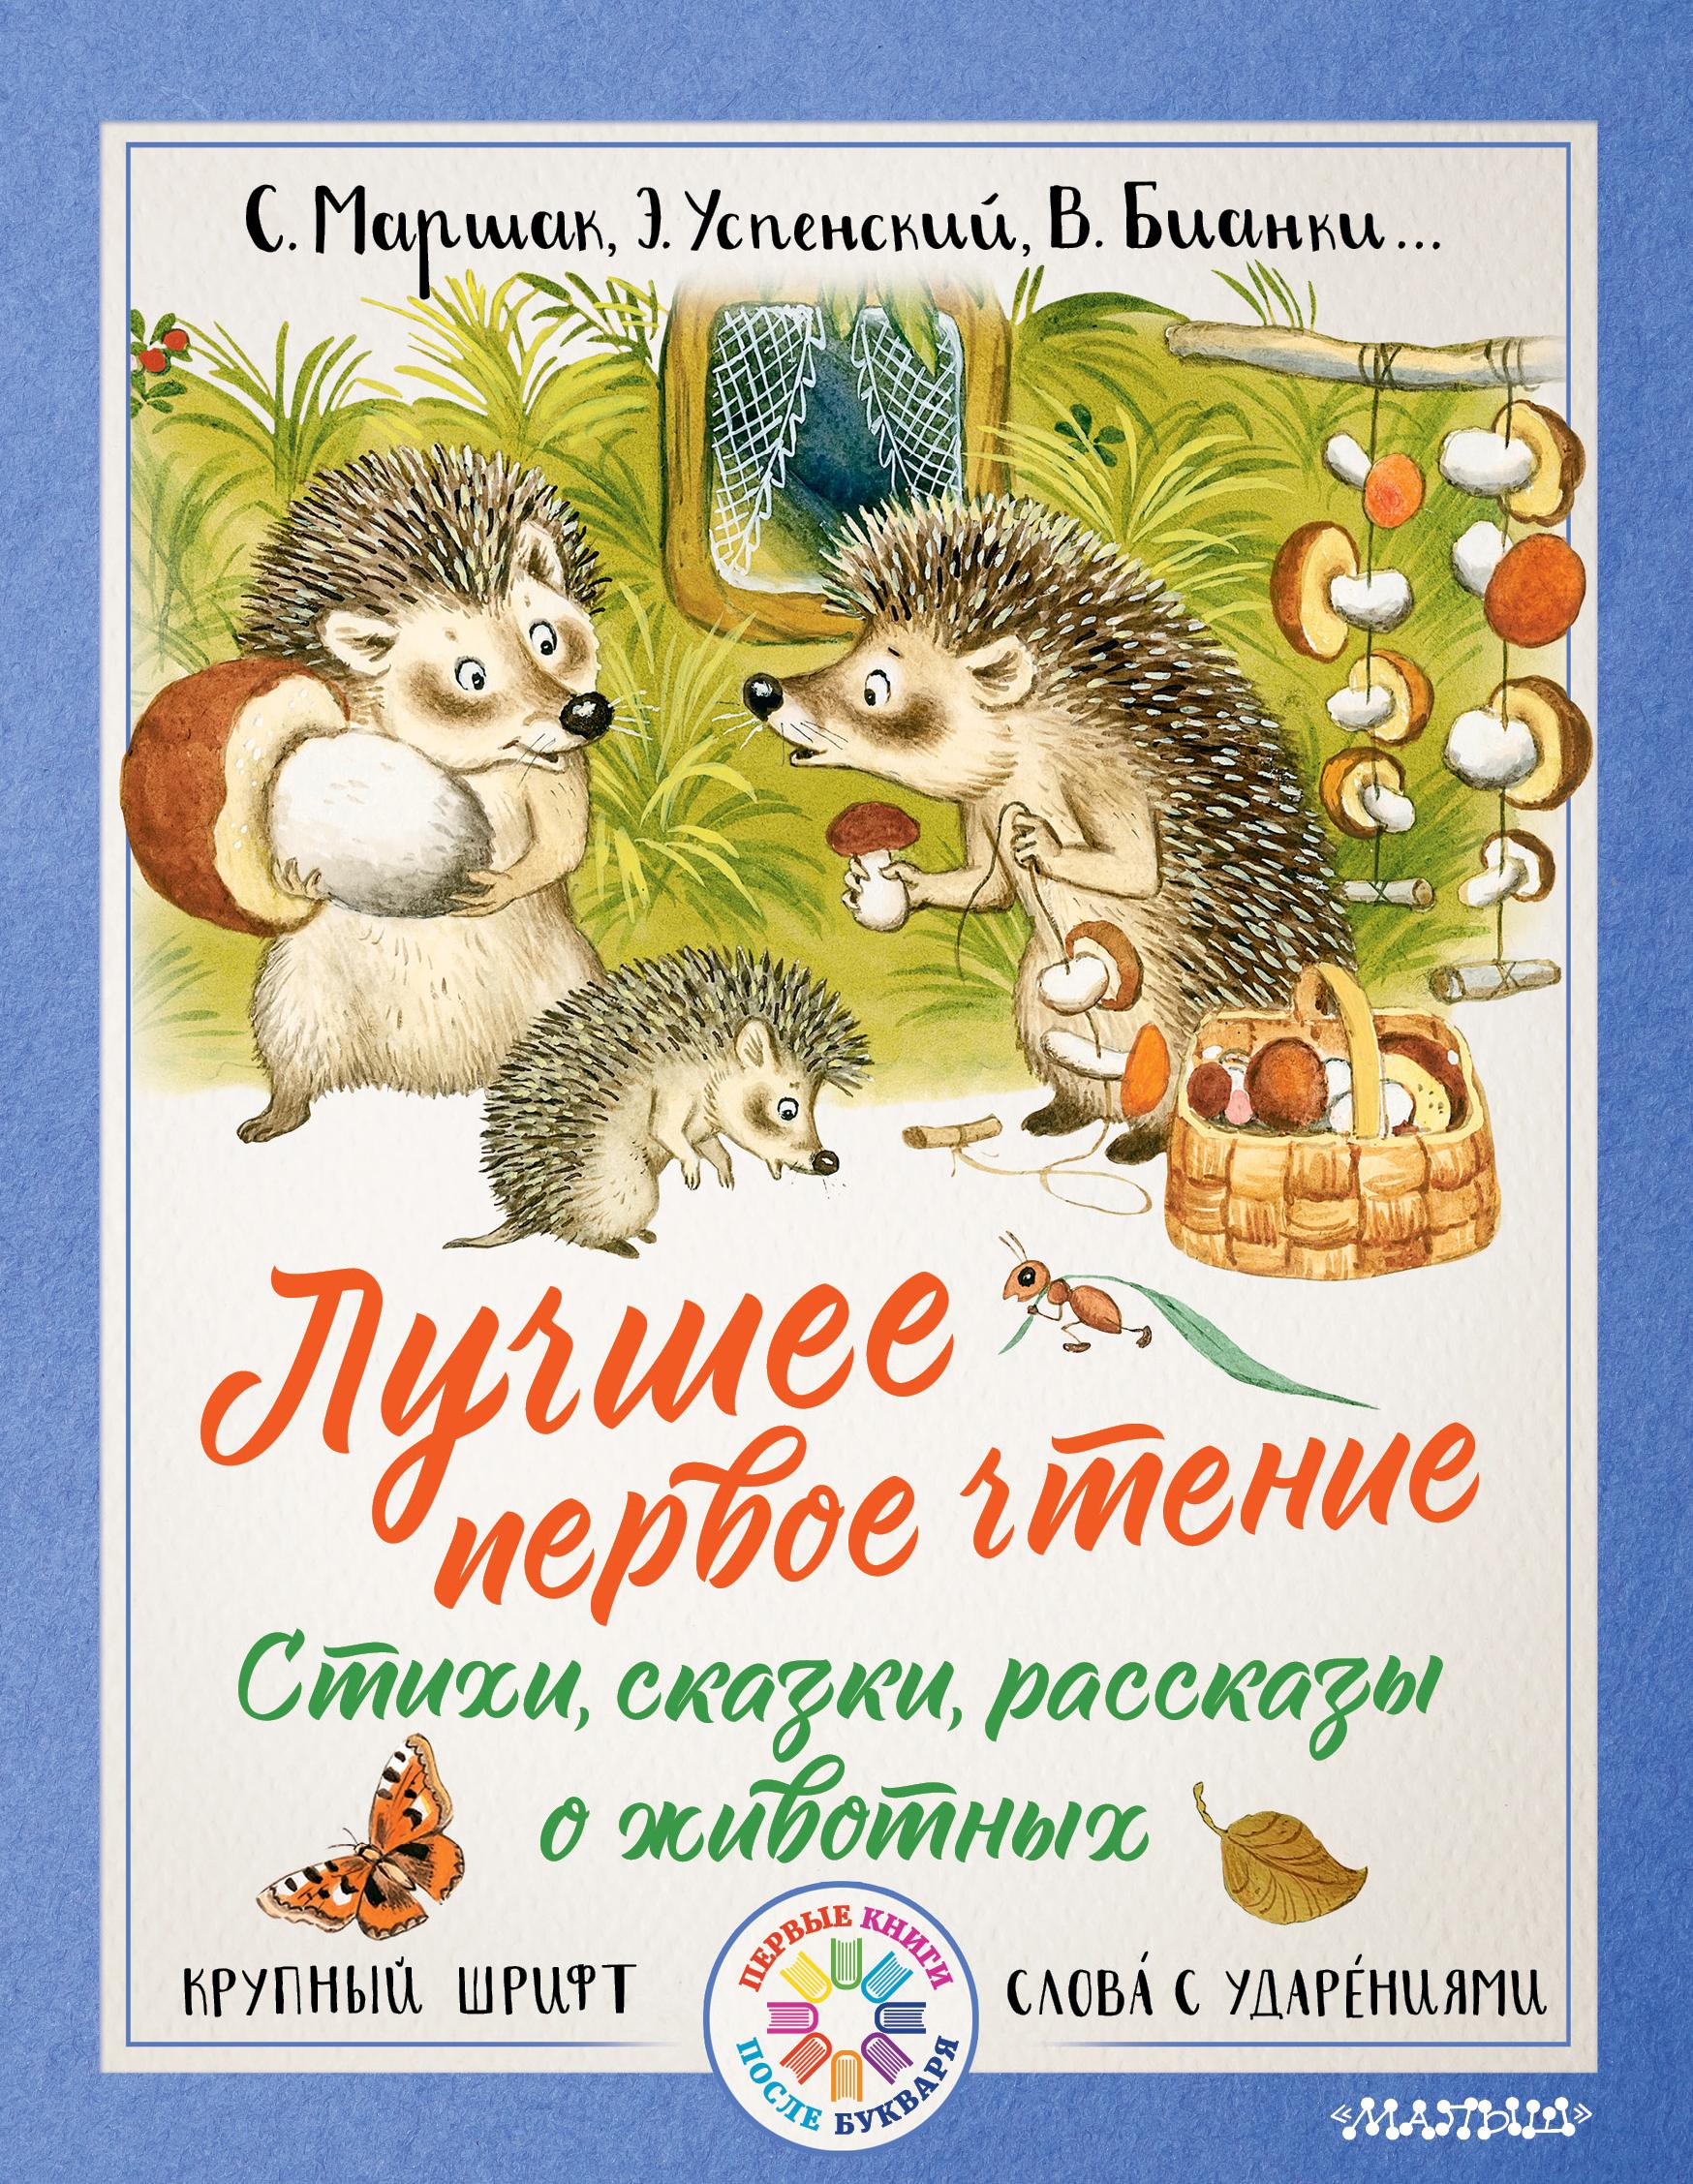 Маршак С., Михалков С. и др. Лучшее первое чтение. Стихи, сказки, рассказы о животных